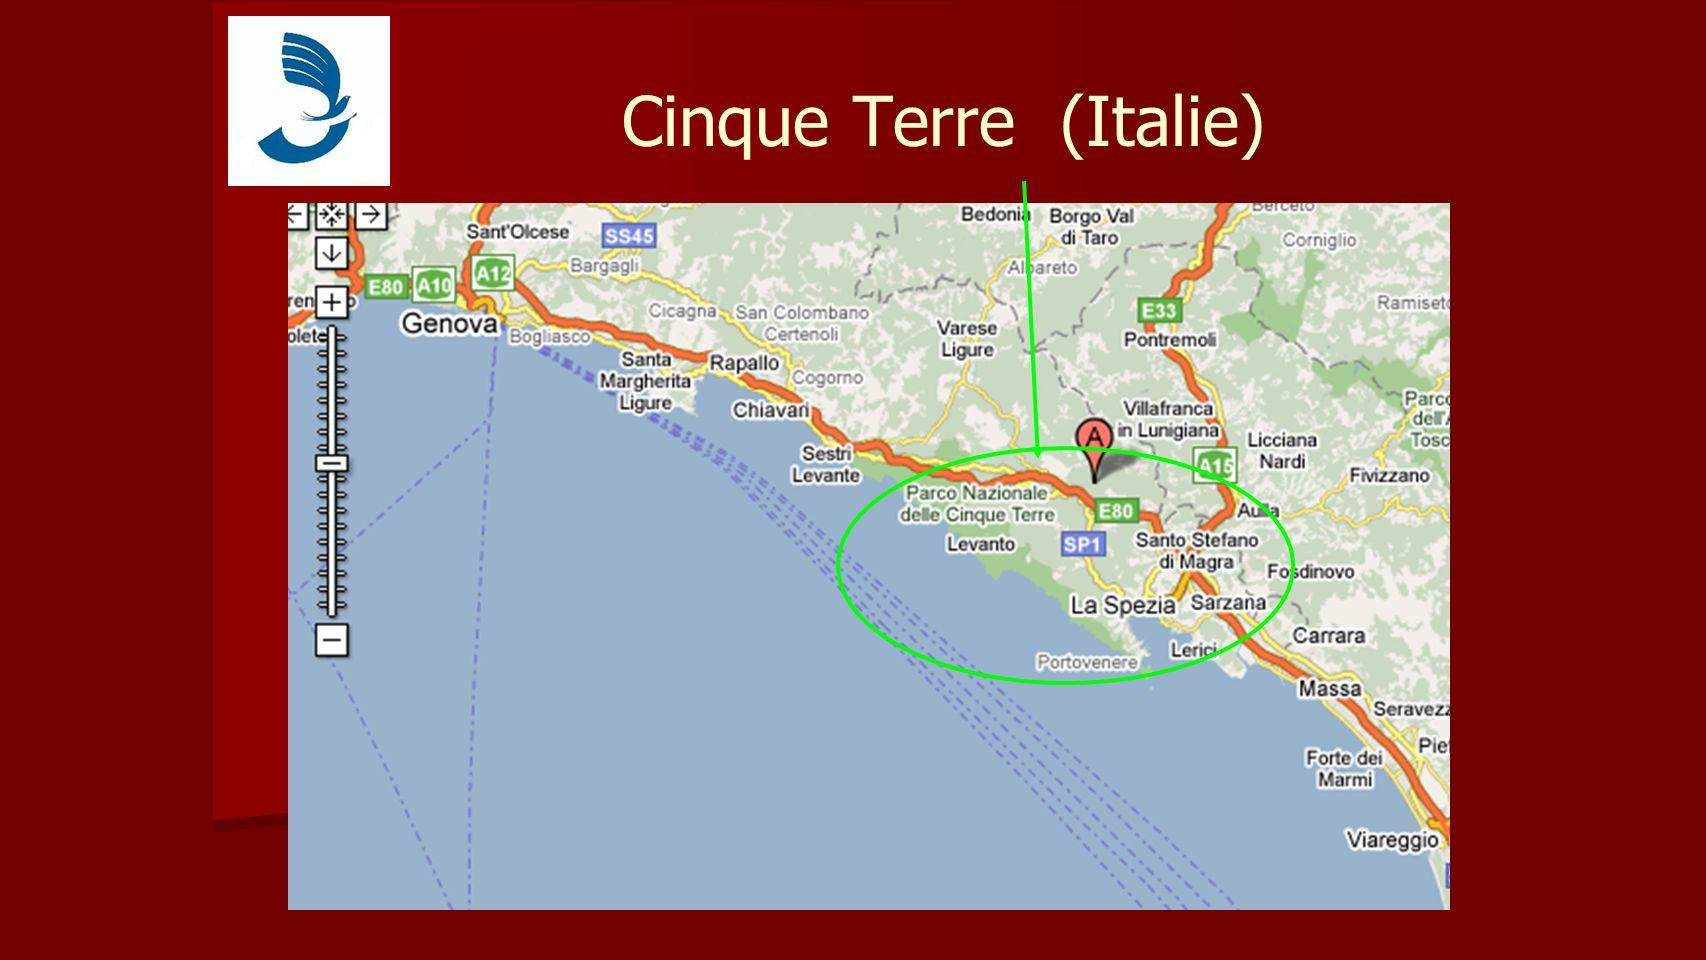 Cinque Terre (Italie)